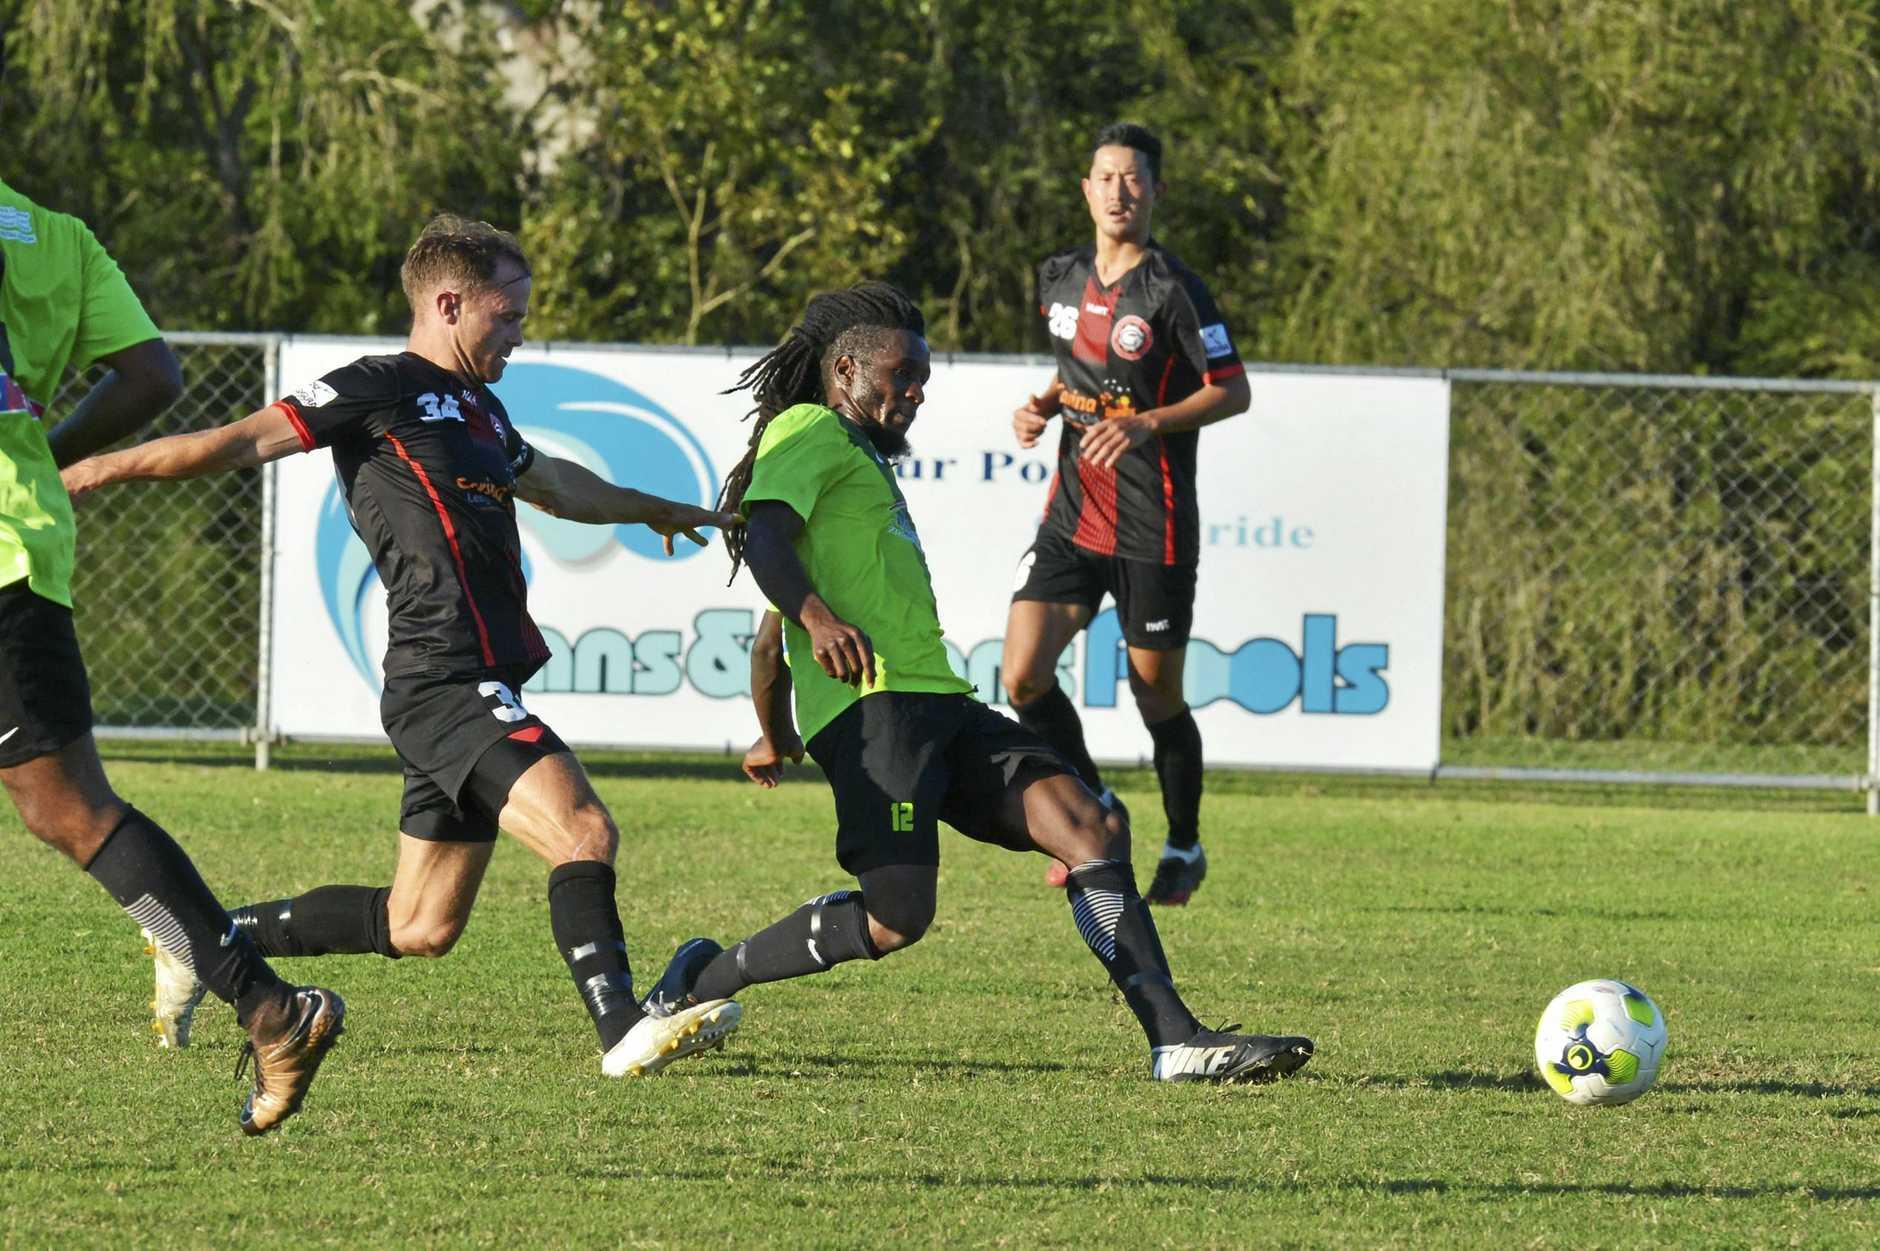 Ipswich Knights v Holland Park. Emmanuel Peter.